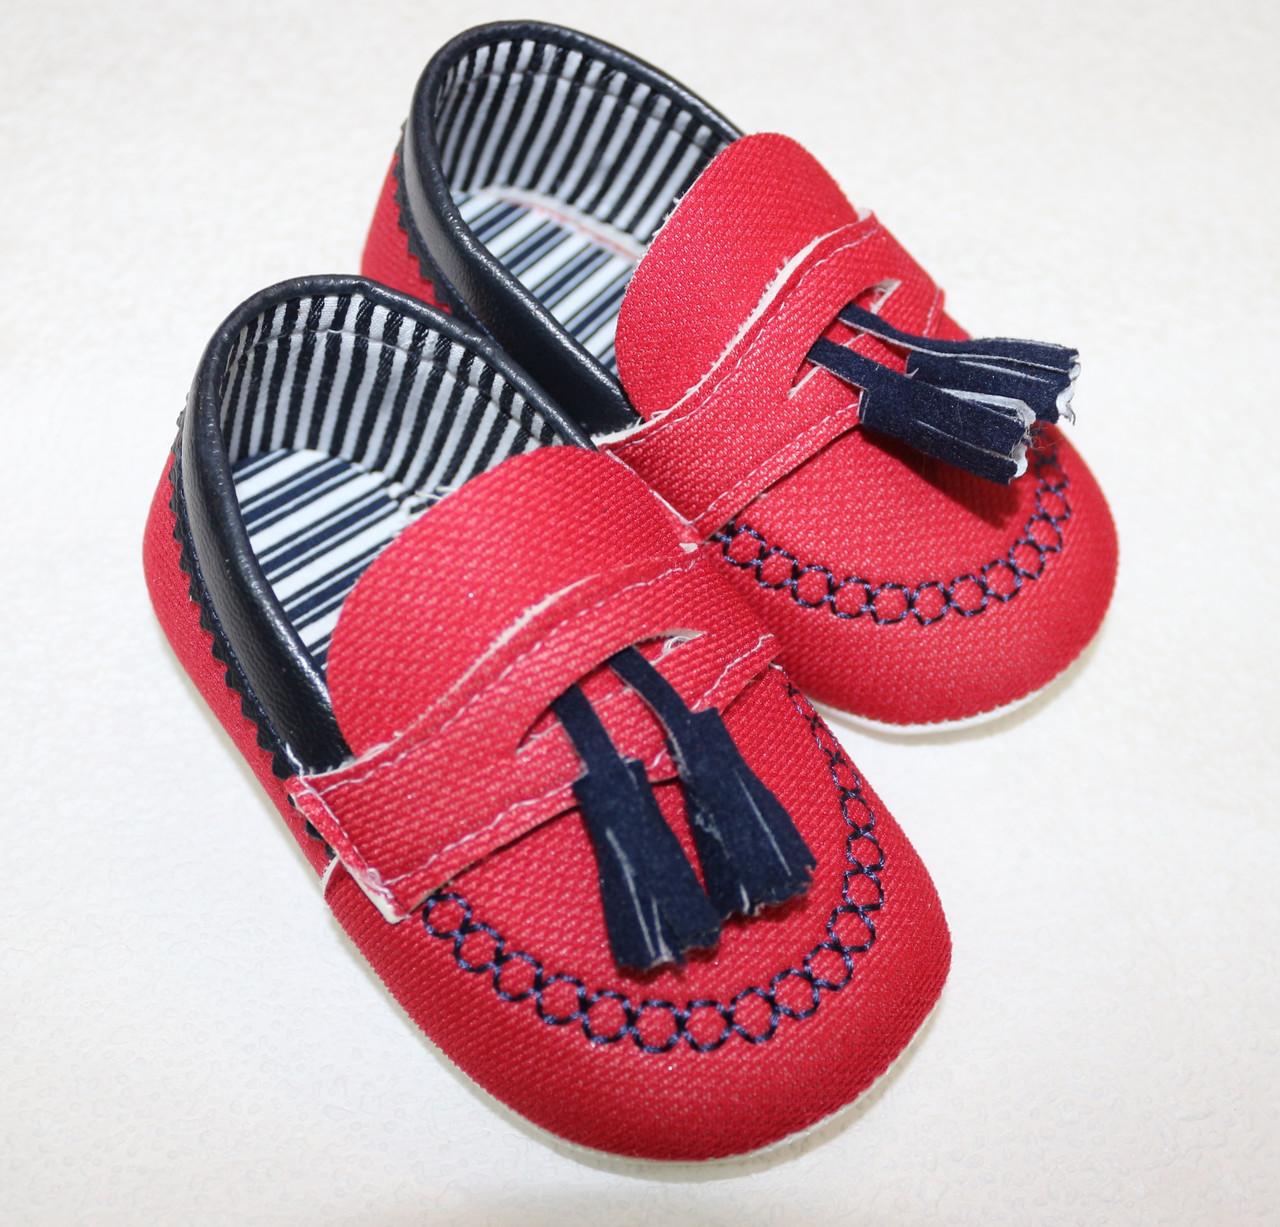 Обувь для маленьких (пинетки)  4-8 мес (11 см) 8-12 мес (11,5 см)